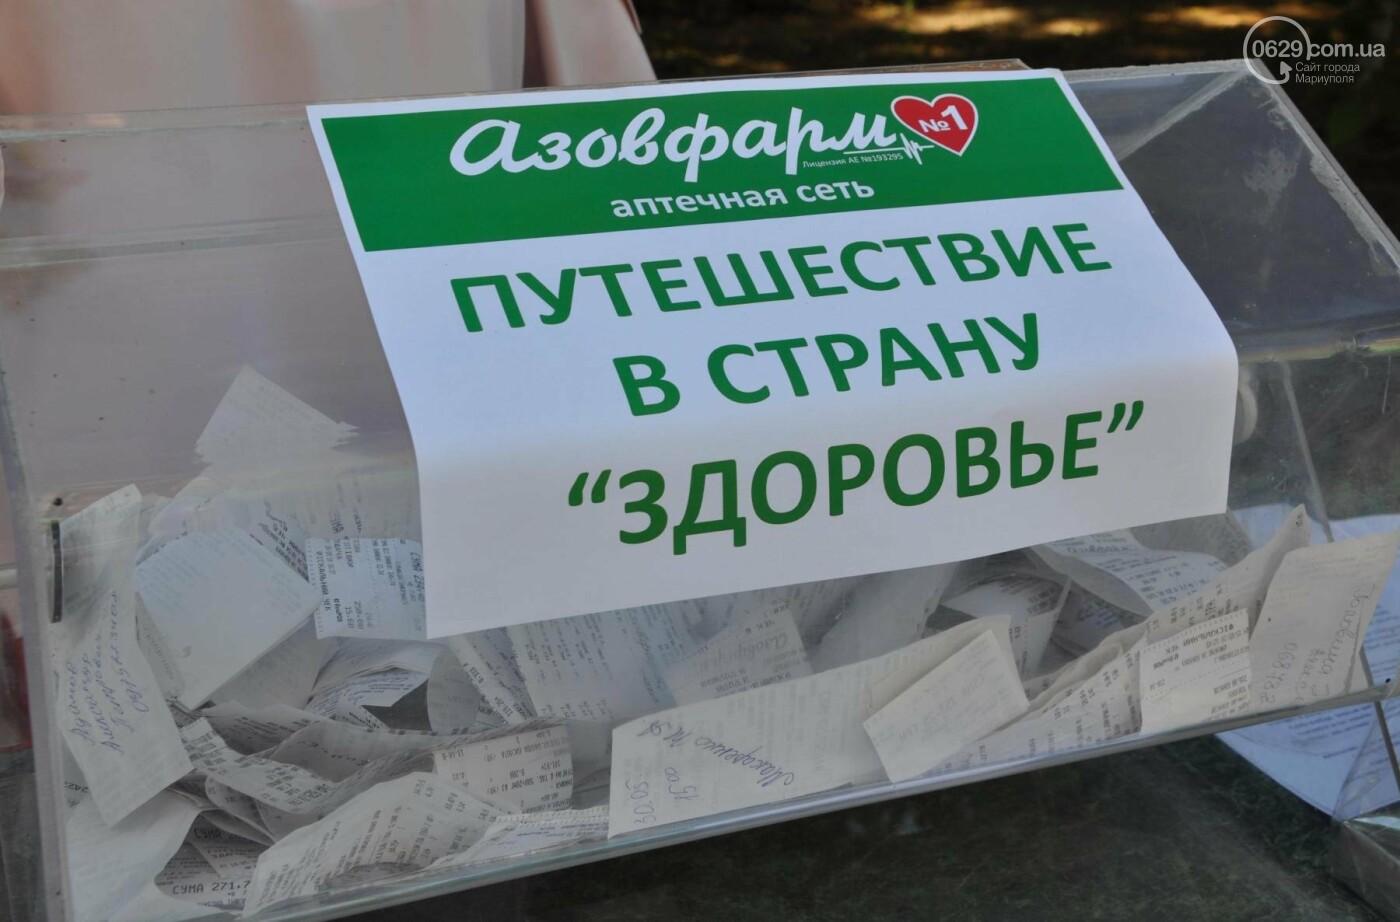 В аптеке «Азовфарм» провели праздник для детей и разыграли призы, фото-26